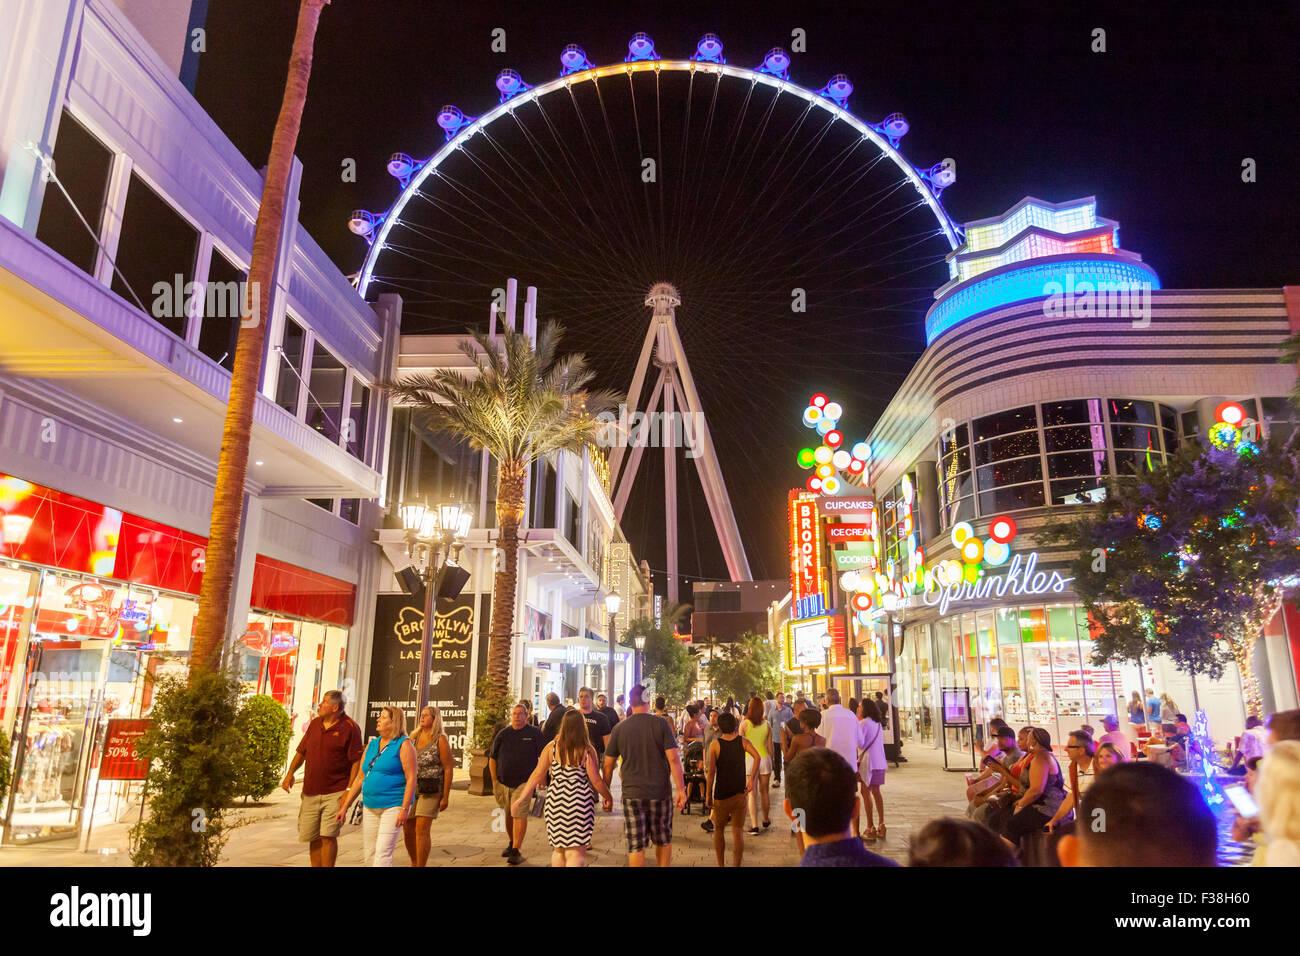 A la vista de noche de la Noria de High Roller, en Las Vegas, Nevada. Imagen De Stock